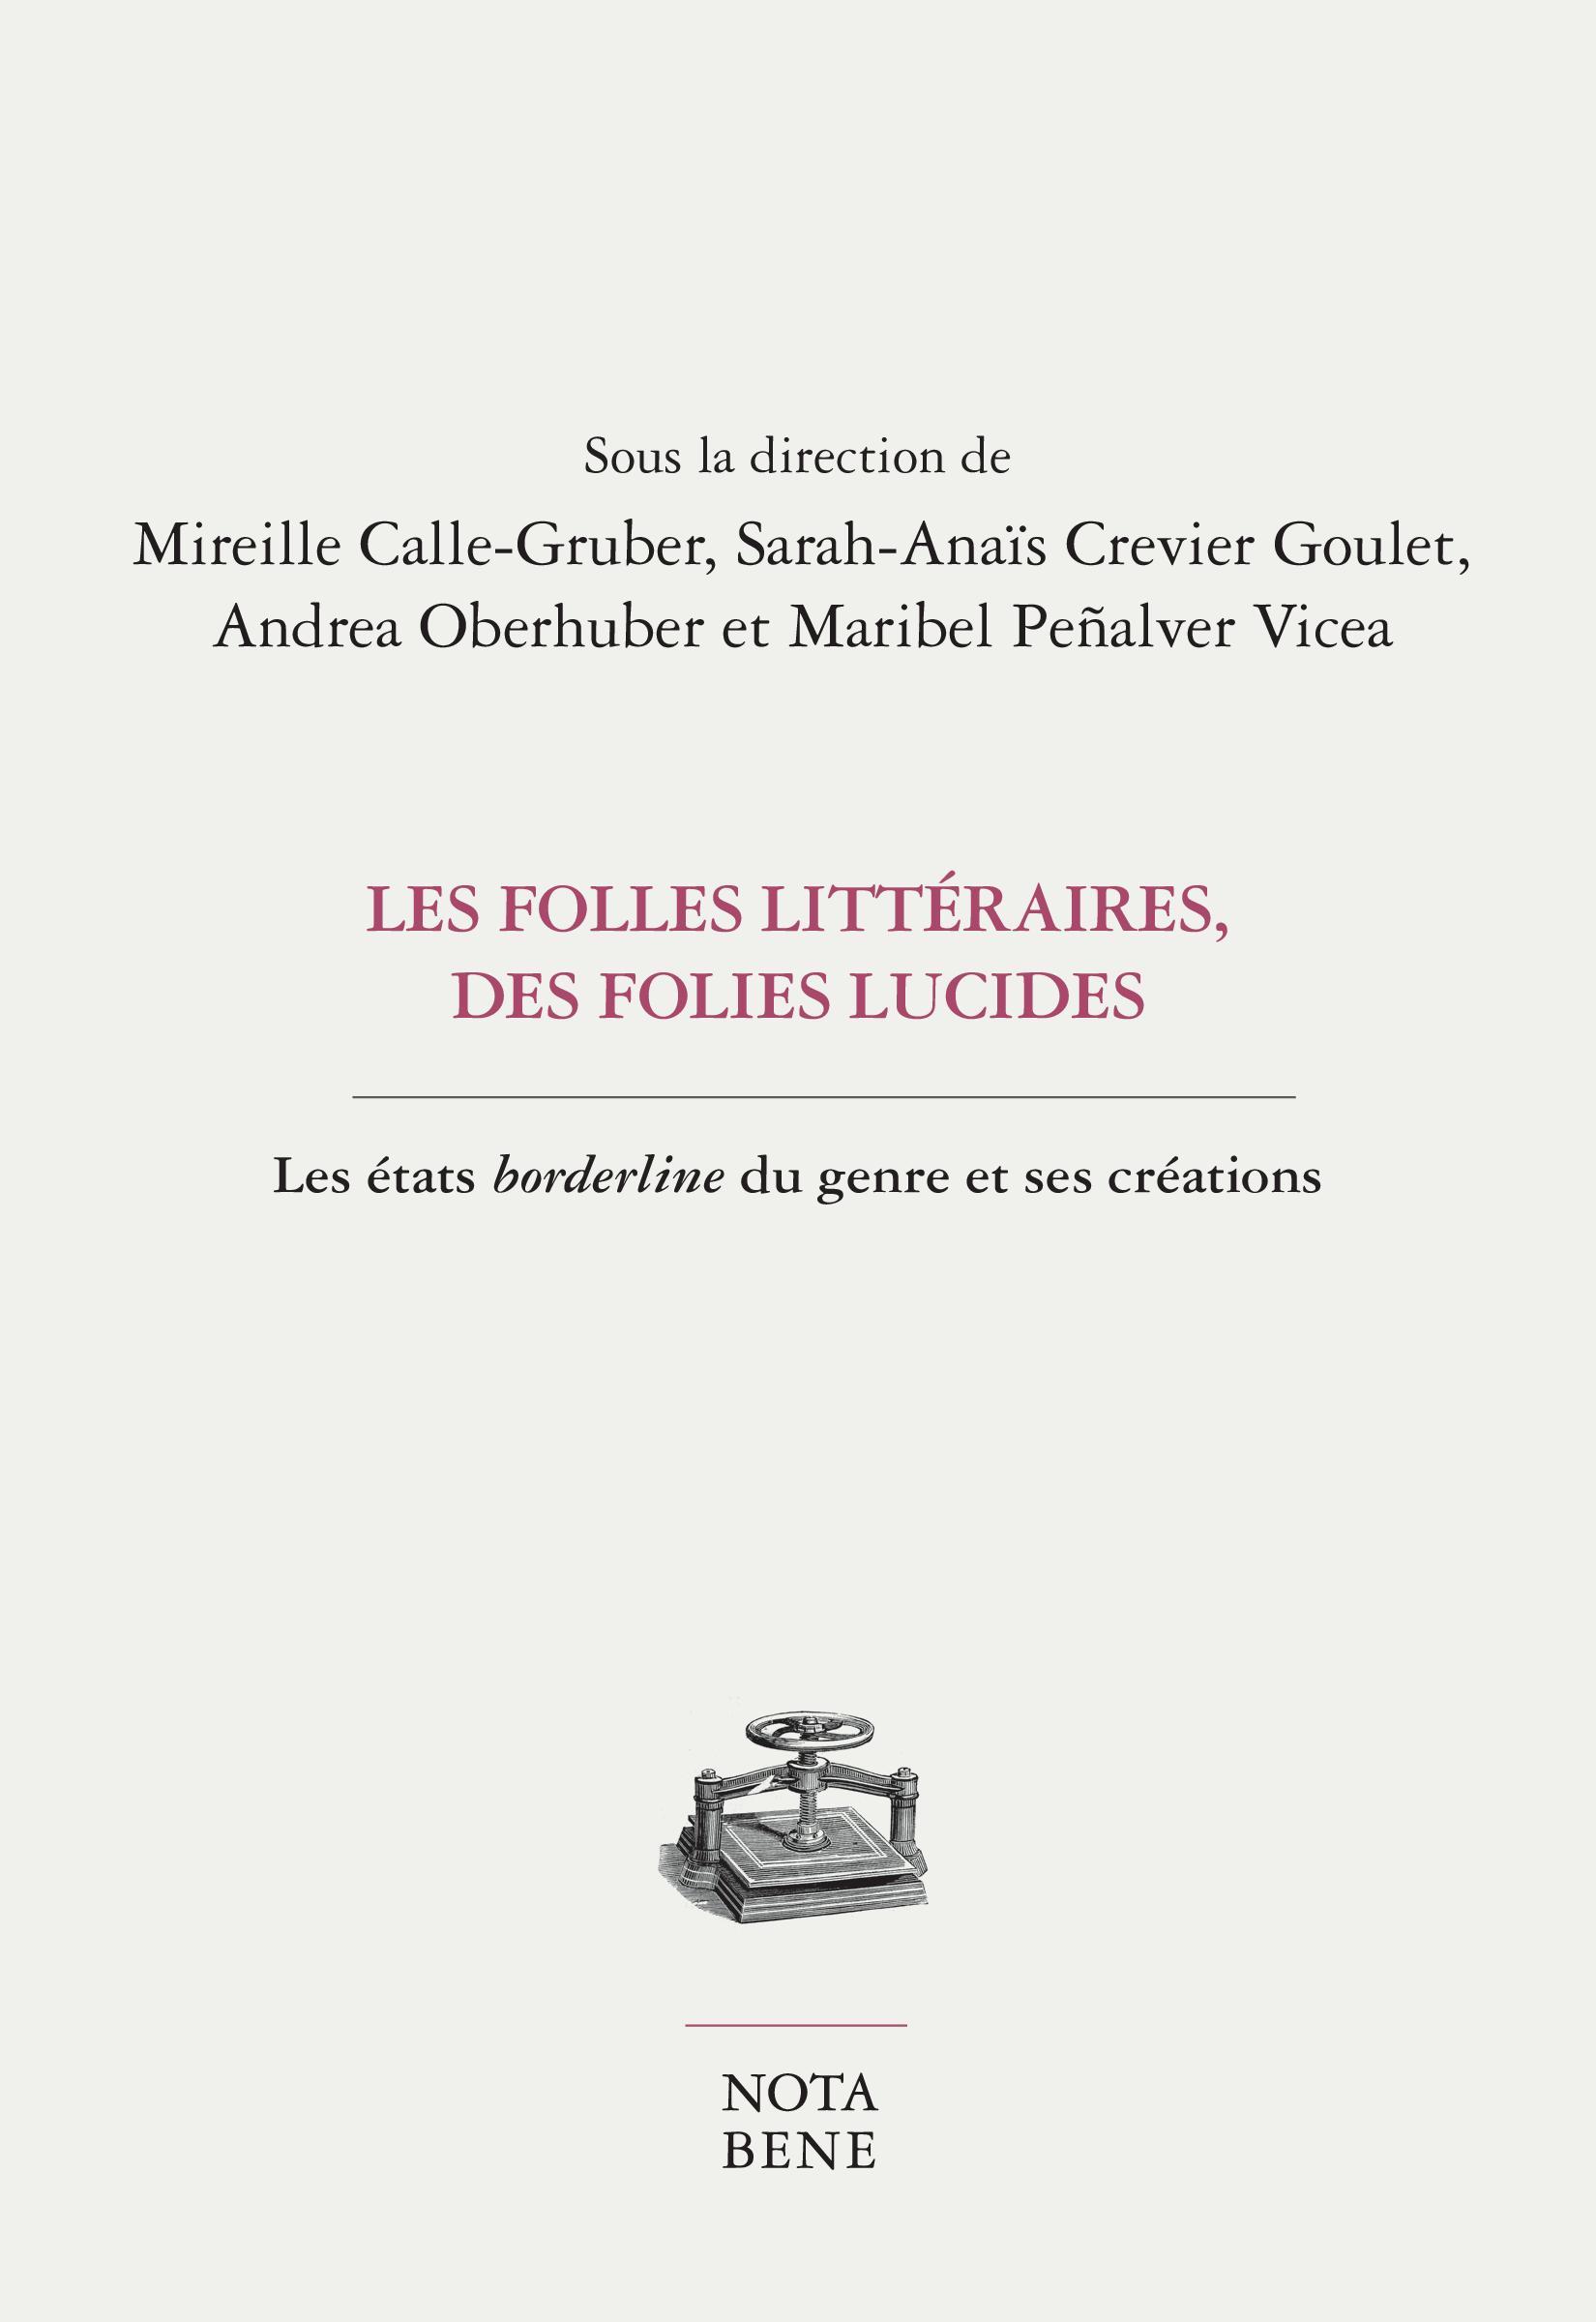 Les folles littéraires, des...